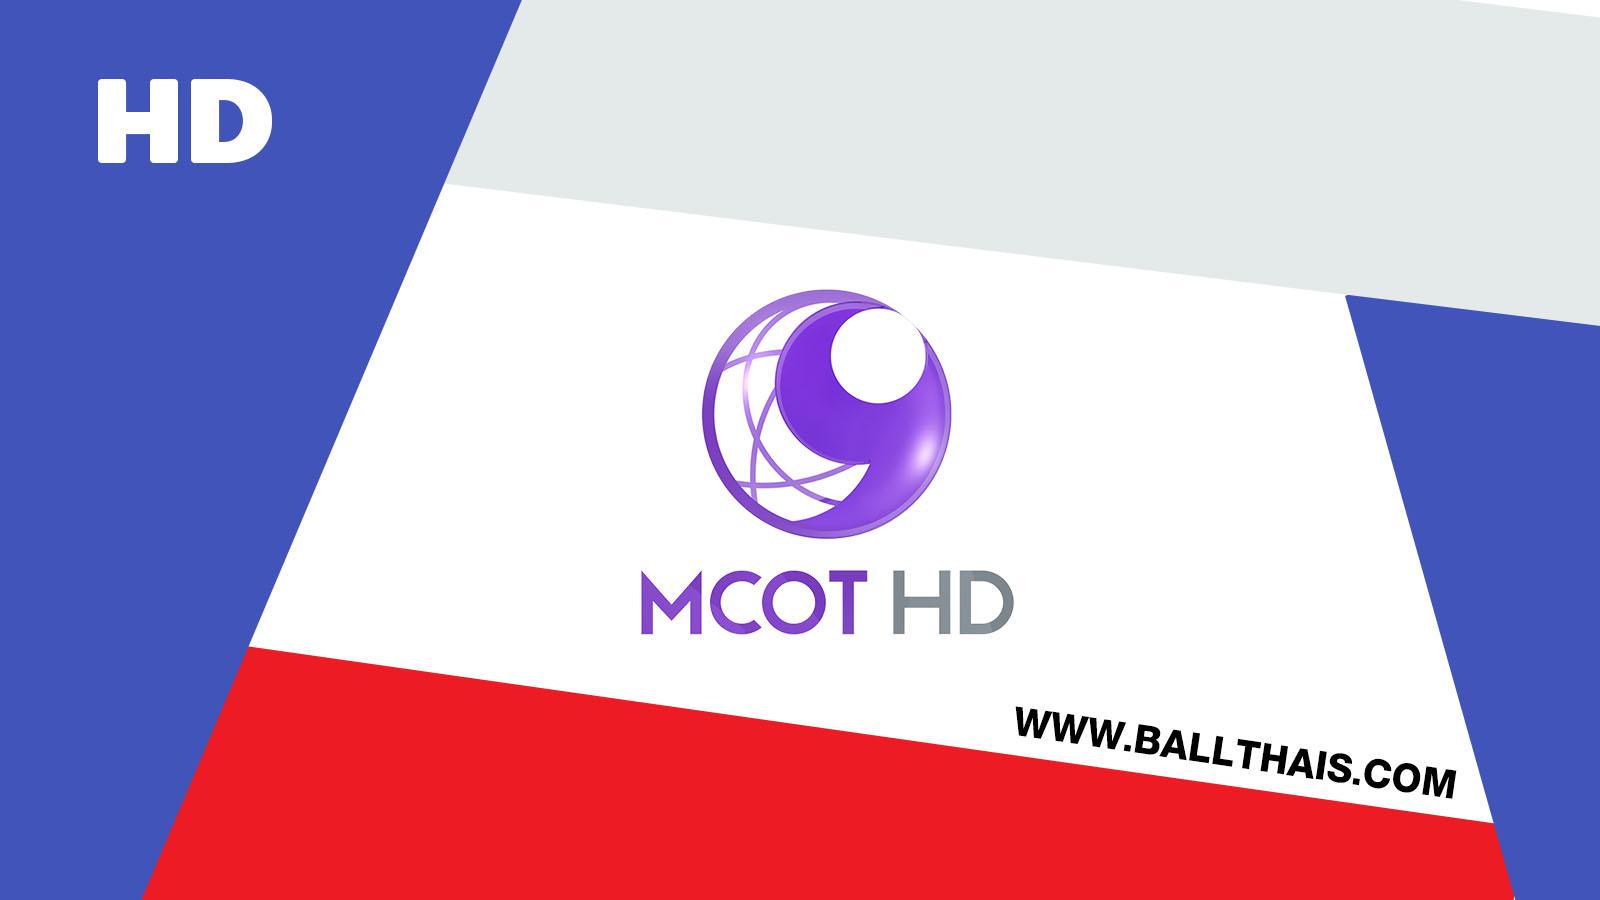 http://ballthais.com/wp-content/uploads/2019/10/McotHD30.jpg